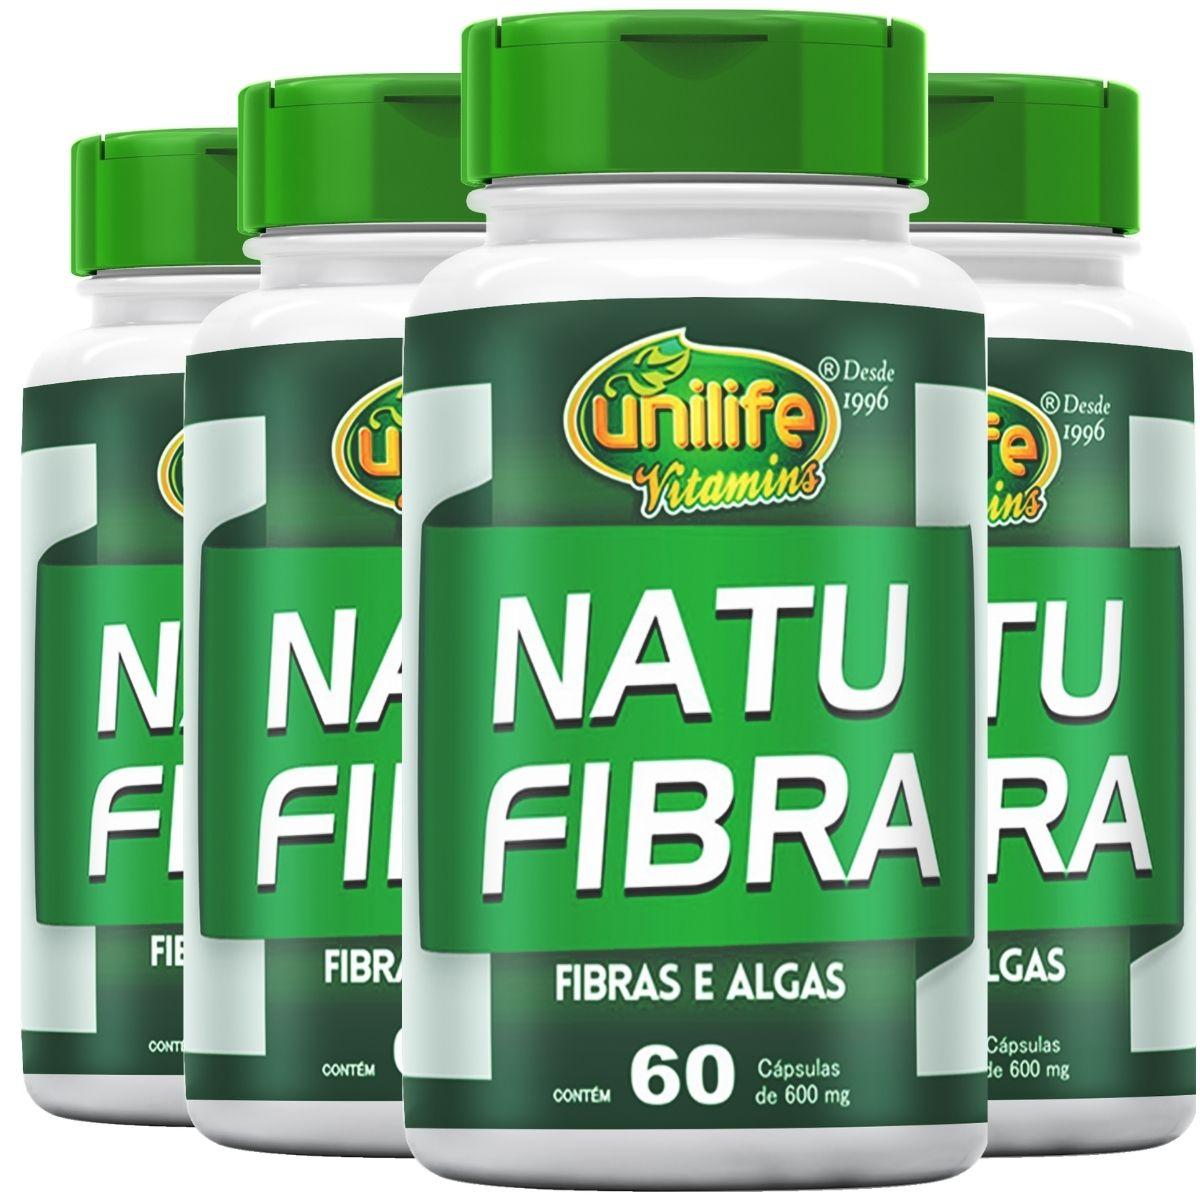 Kit 4 Natu Fibras 60 cápsulas 500mg Unilife - Ágar-ágar, Psyllium e Spirulina